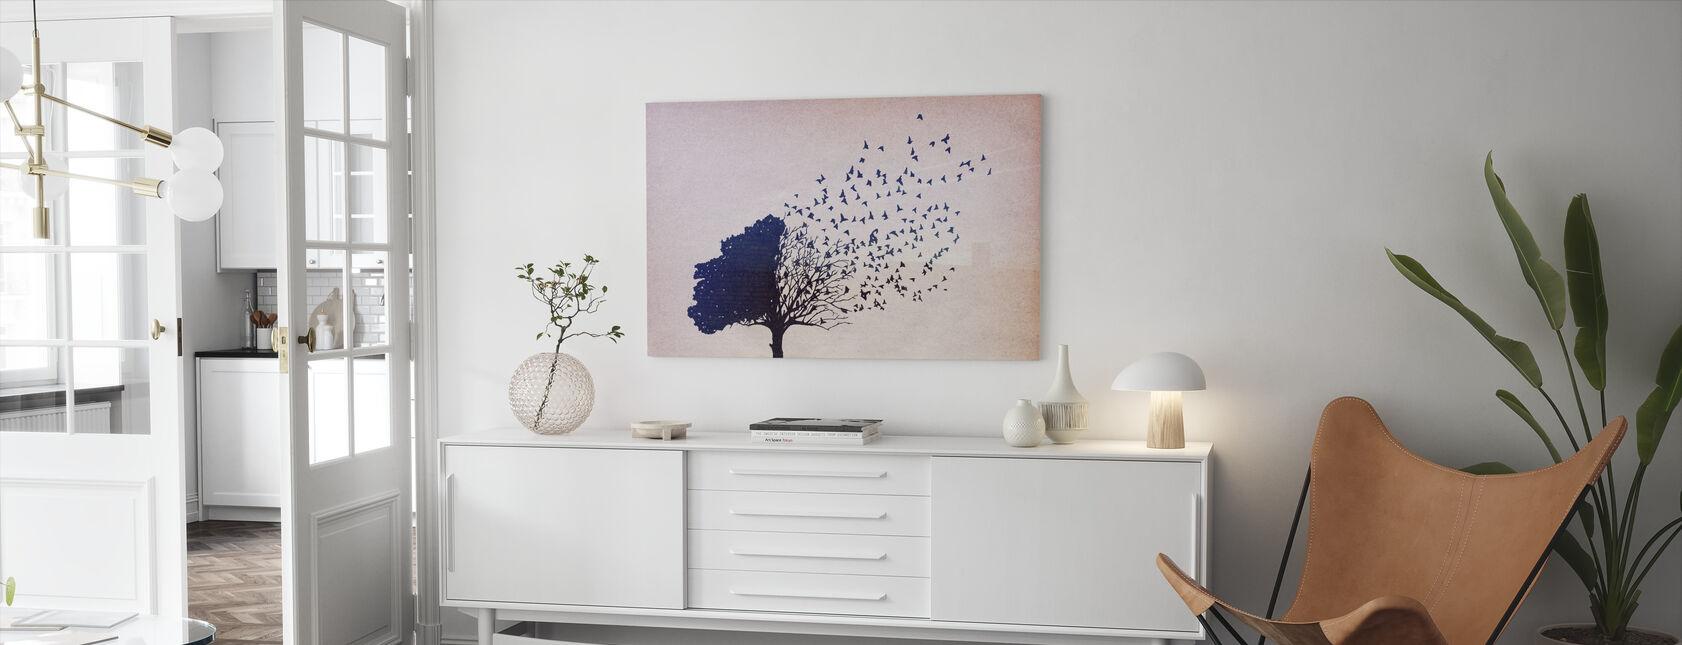 Vögel Blätter - Leinwandbild - Wohnzimmer